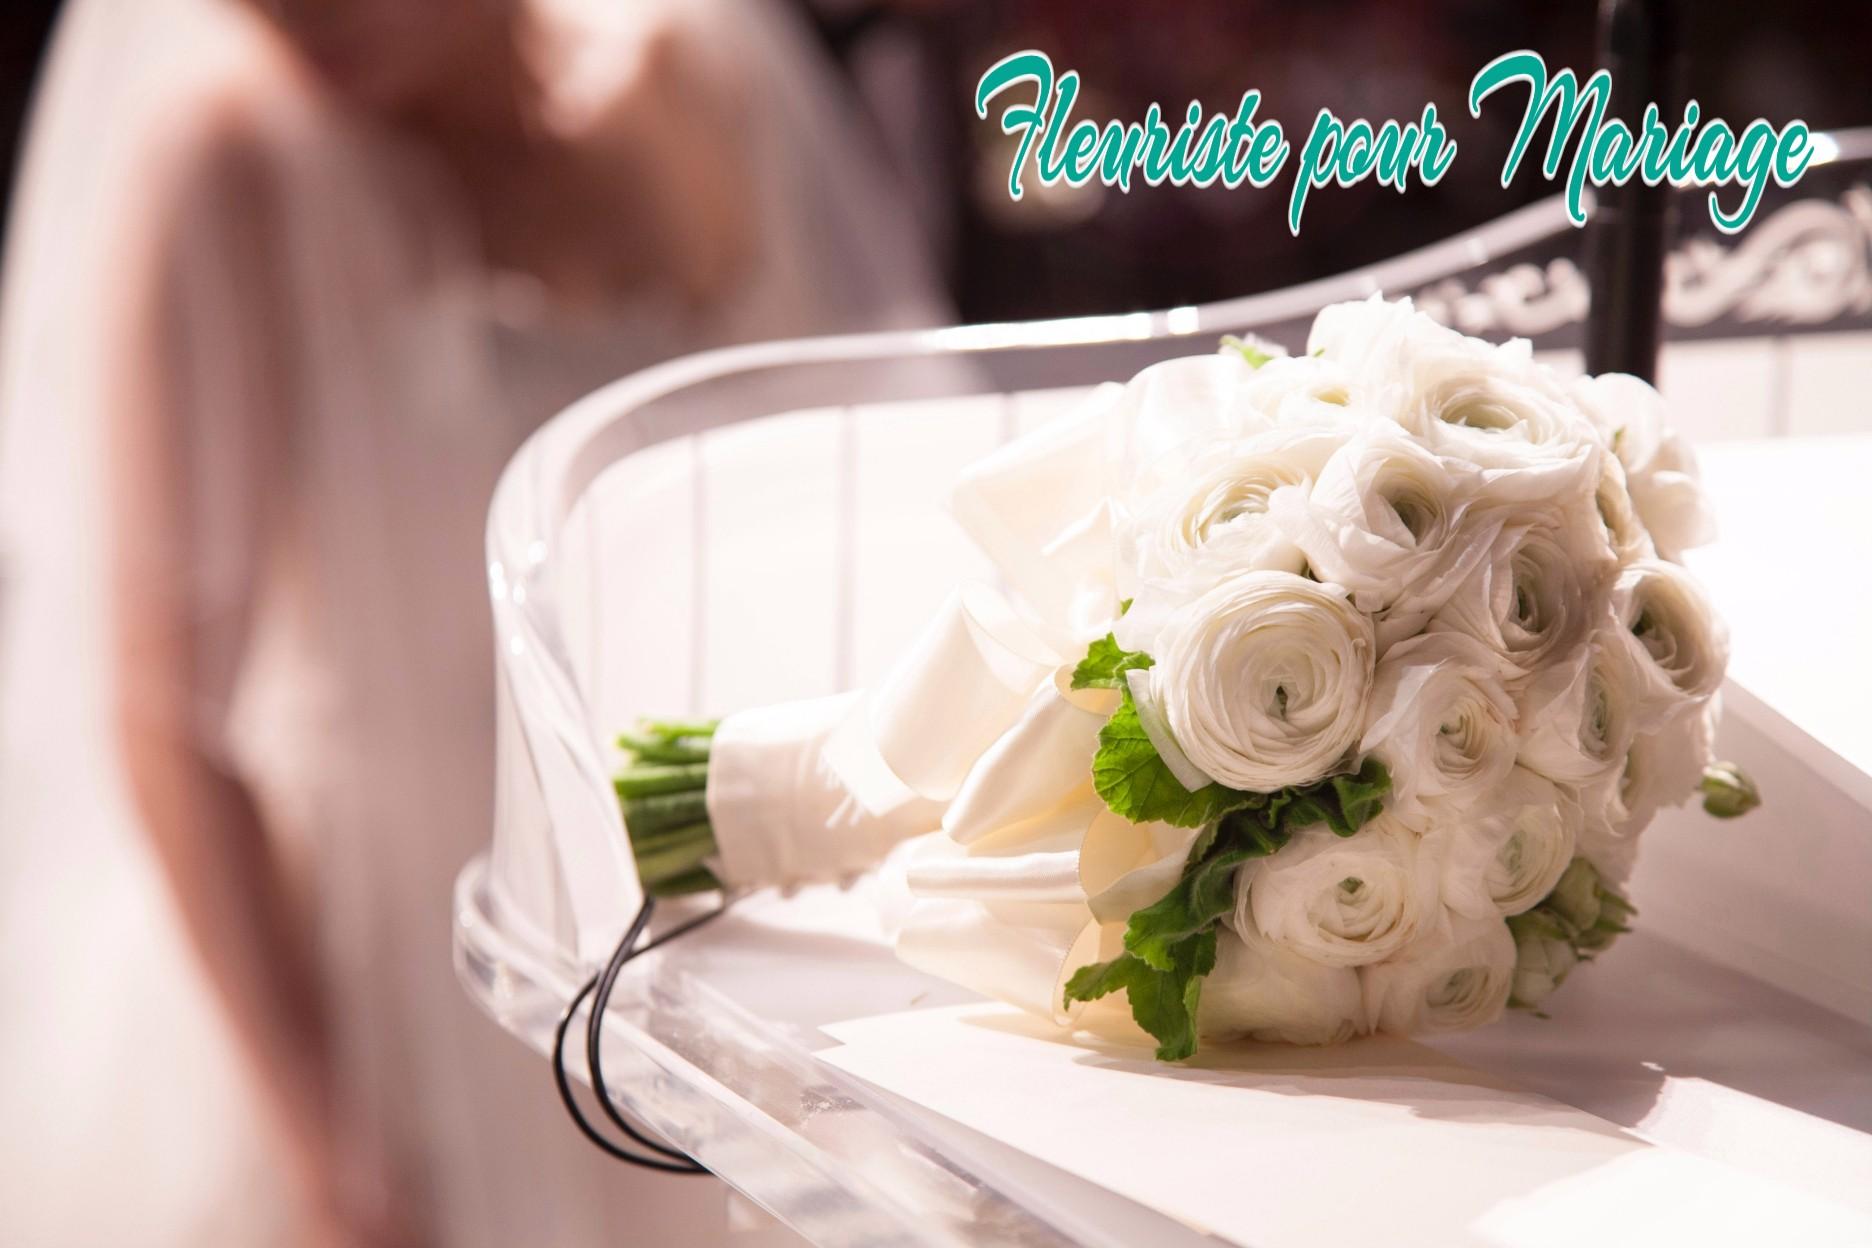 Fleuriste Mariage Cannes - Décoration florale de Mariages